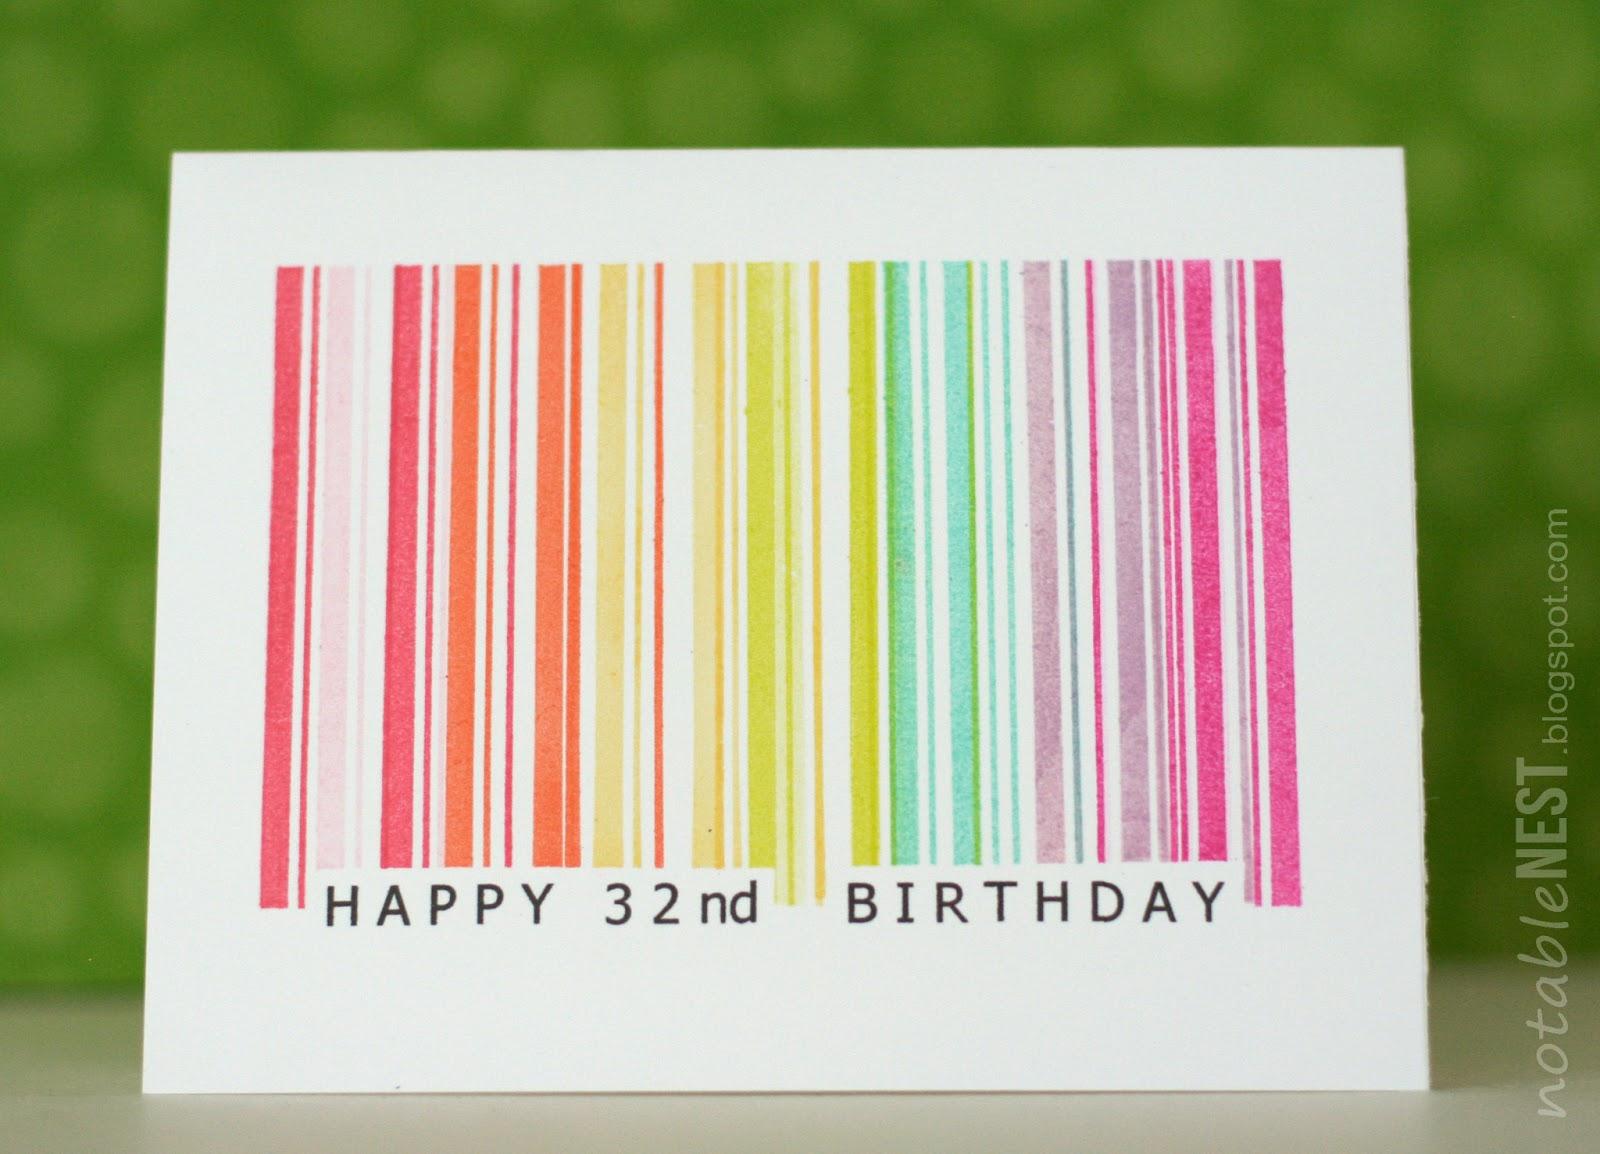 http://2.bp.blogspot.com/-t2LMzH-q2Gw/US2ljWtfMRI/AAAAAAAAFlU/IjhM-BYmaGQ/s1600/Handmade+30th+Birthday+Card.jpg